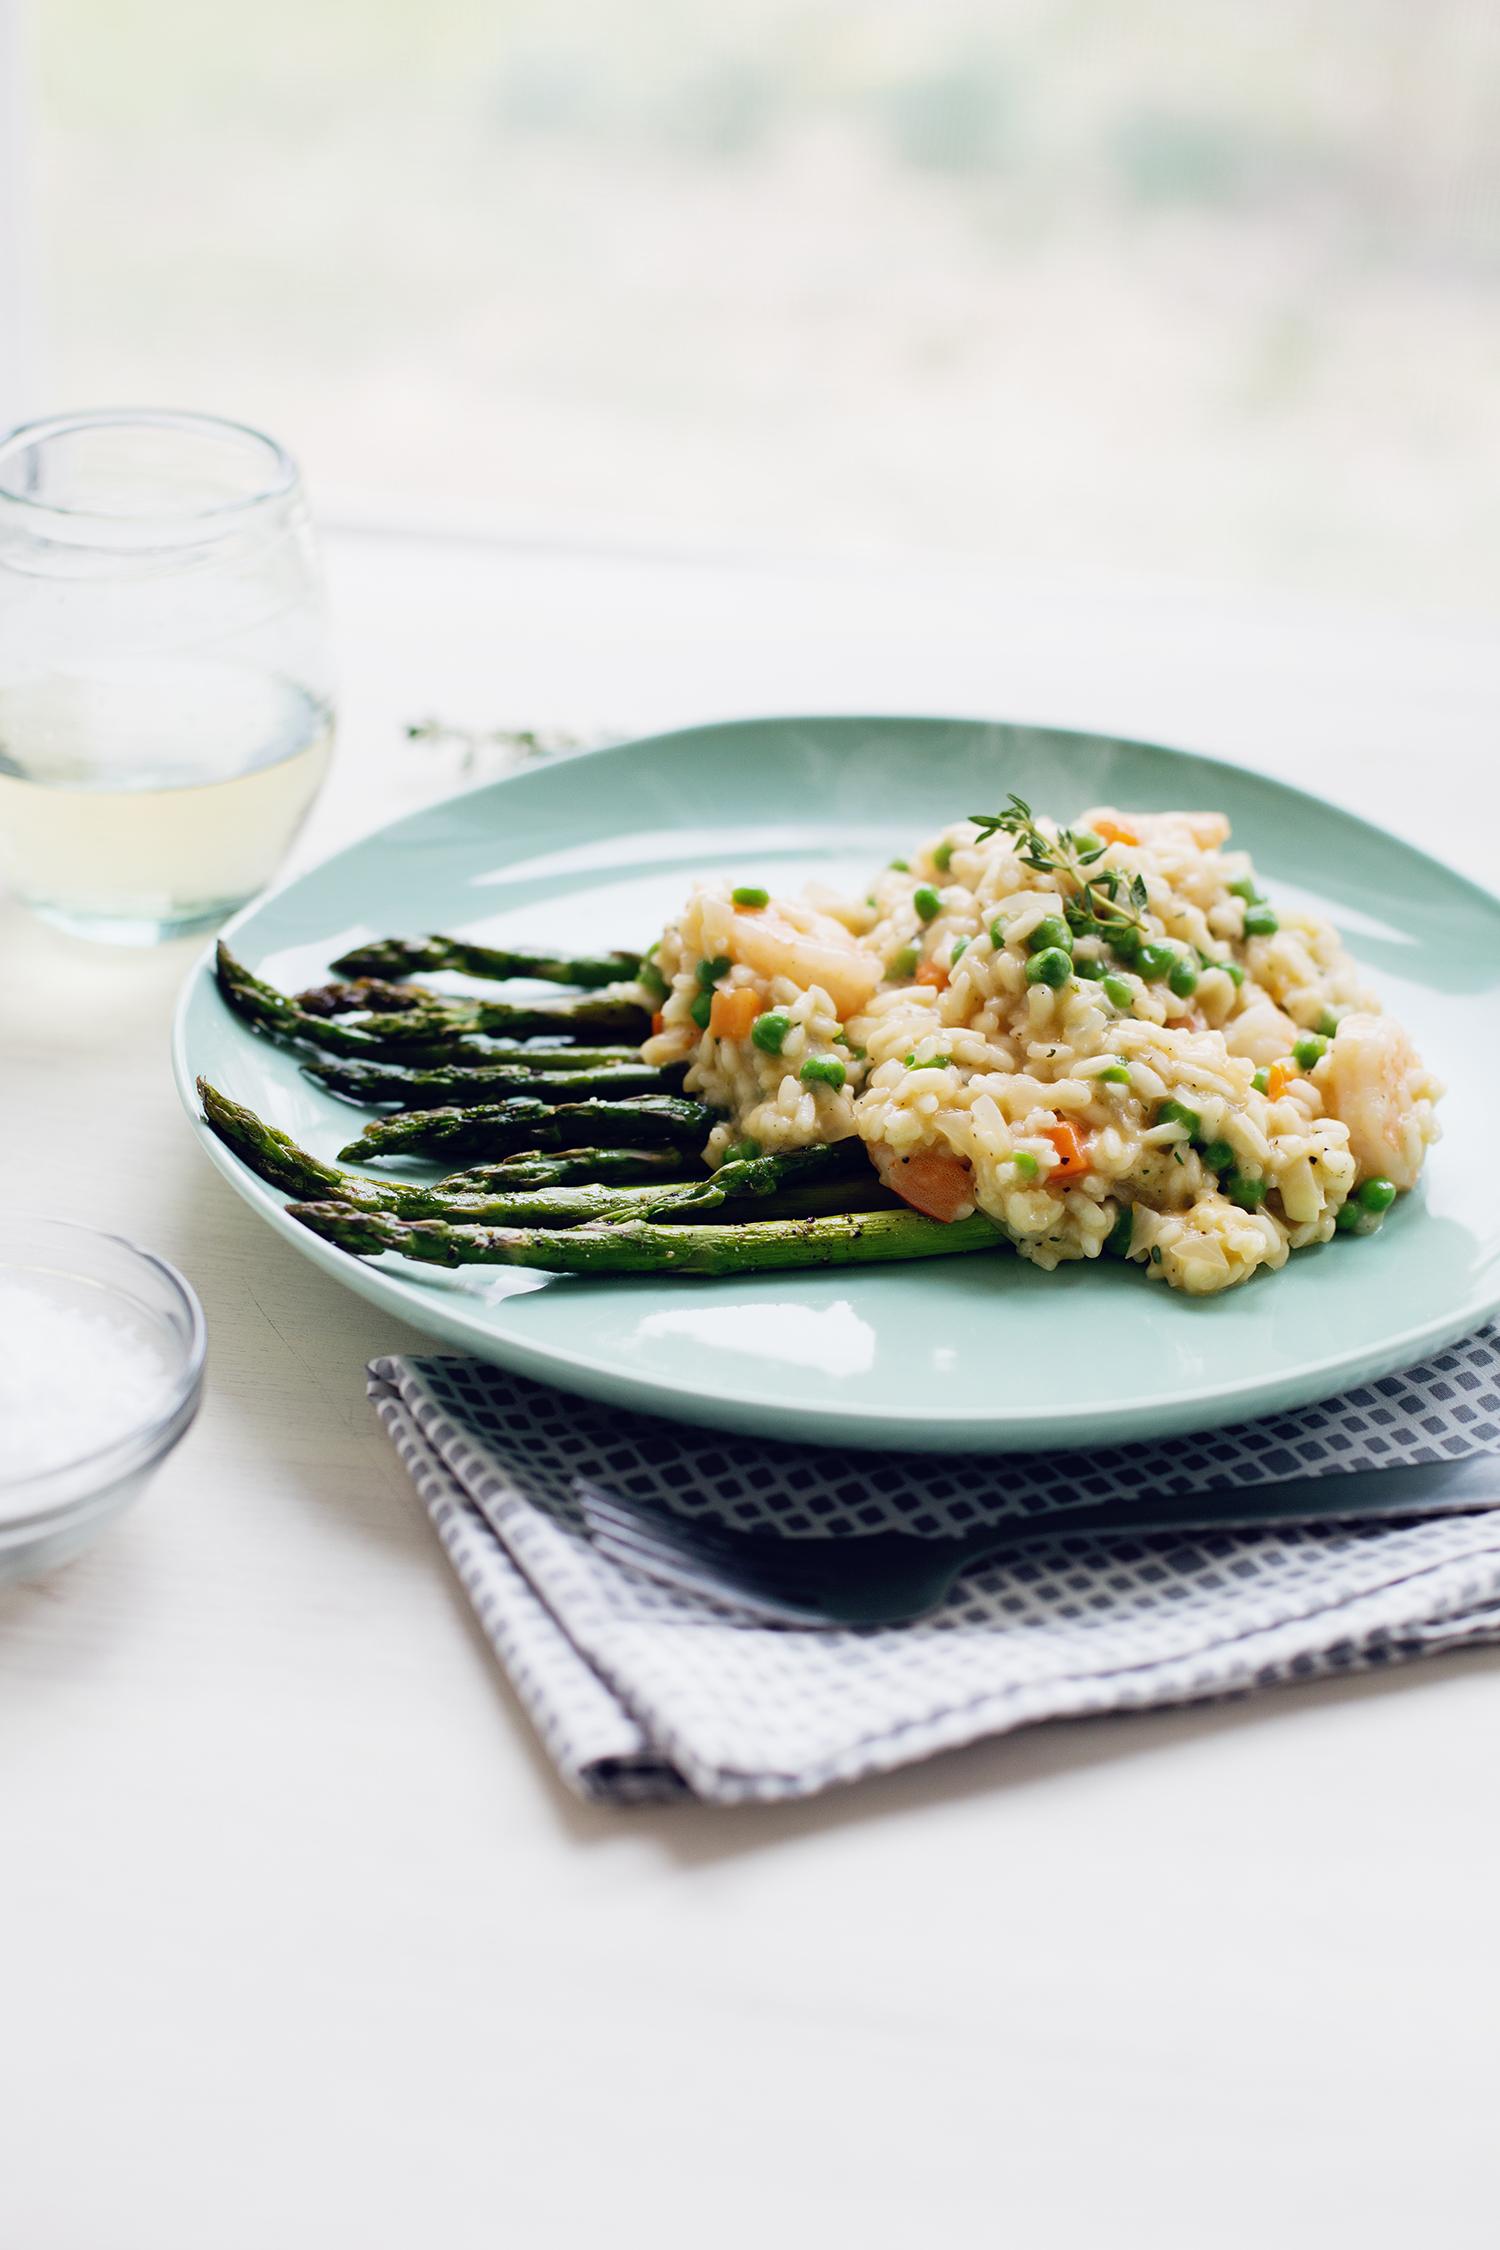 Risotto primavera (click through for recipe)